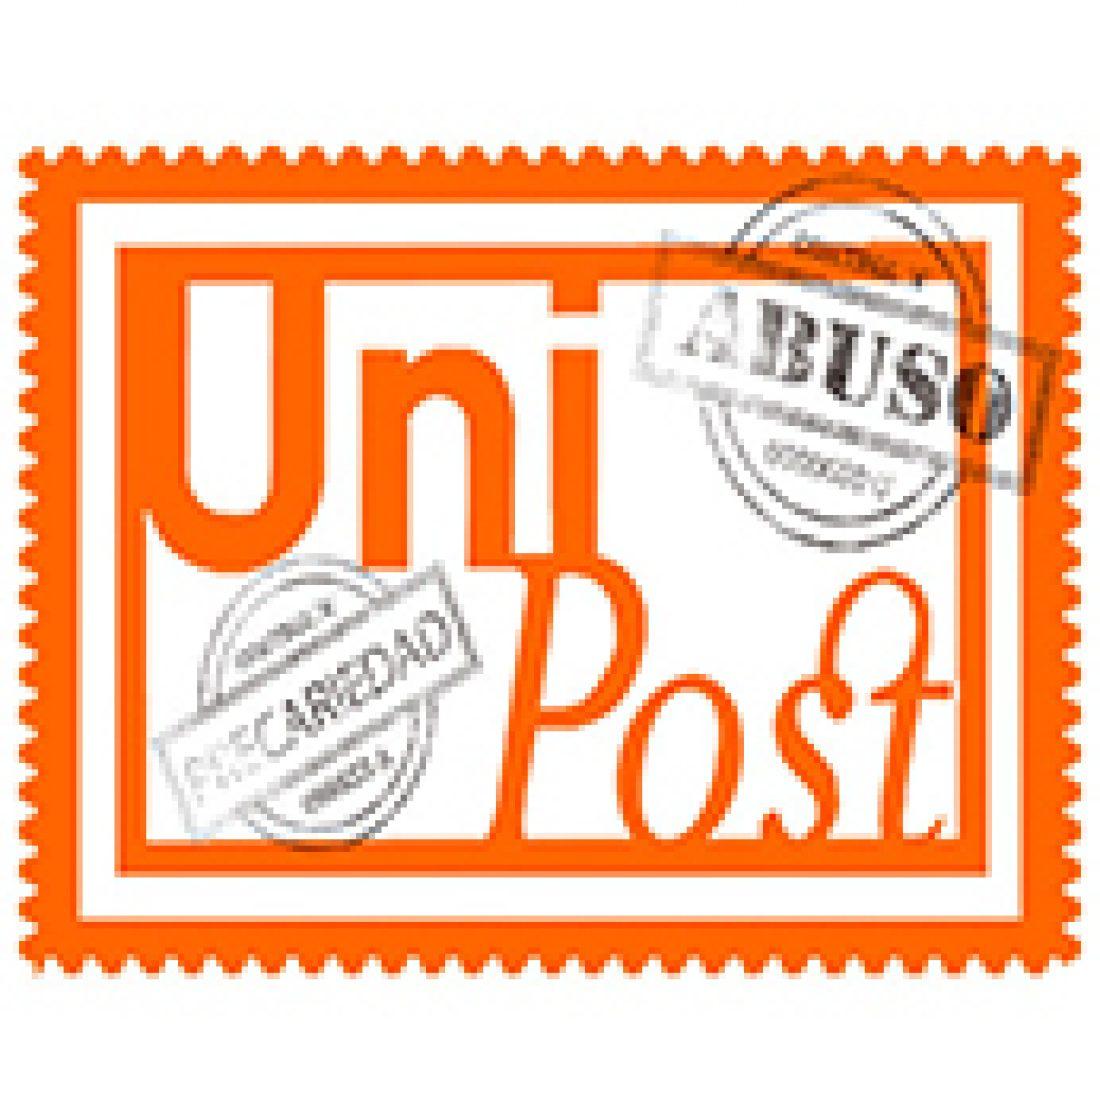 CGT convoca paros totales indefinidos en Unipost a partir del 7 de noviembre de 2016